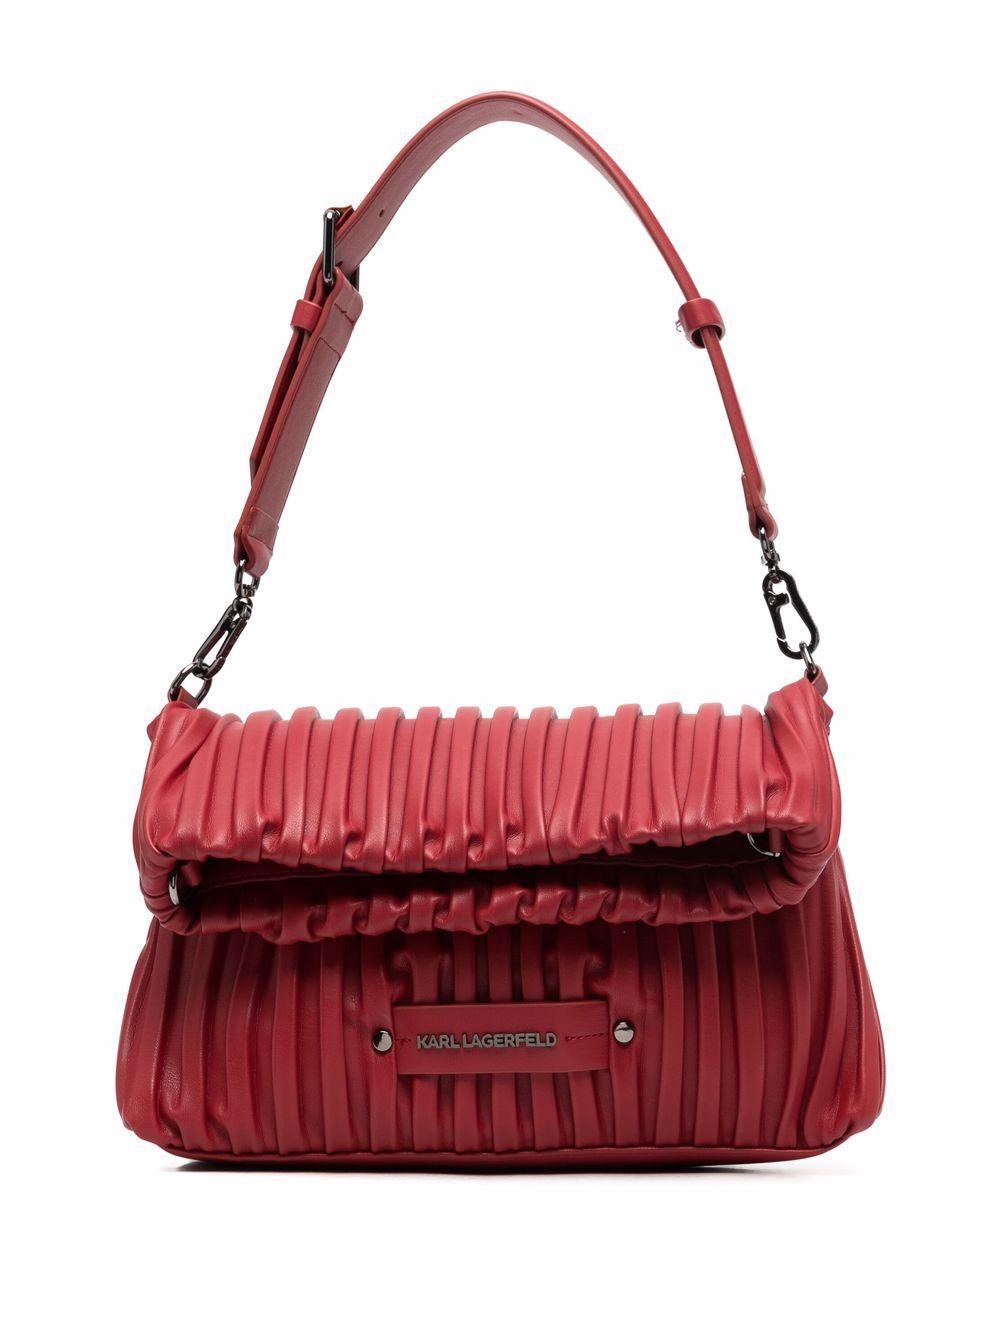 Karl Lagerfeld K/Kushion Handtasche mit Klappe - Rot